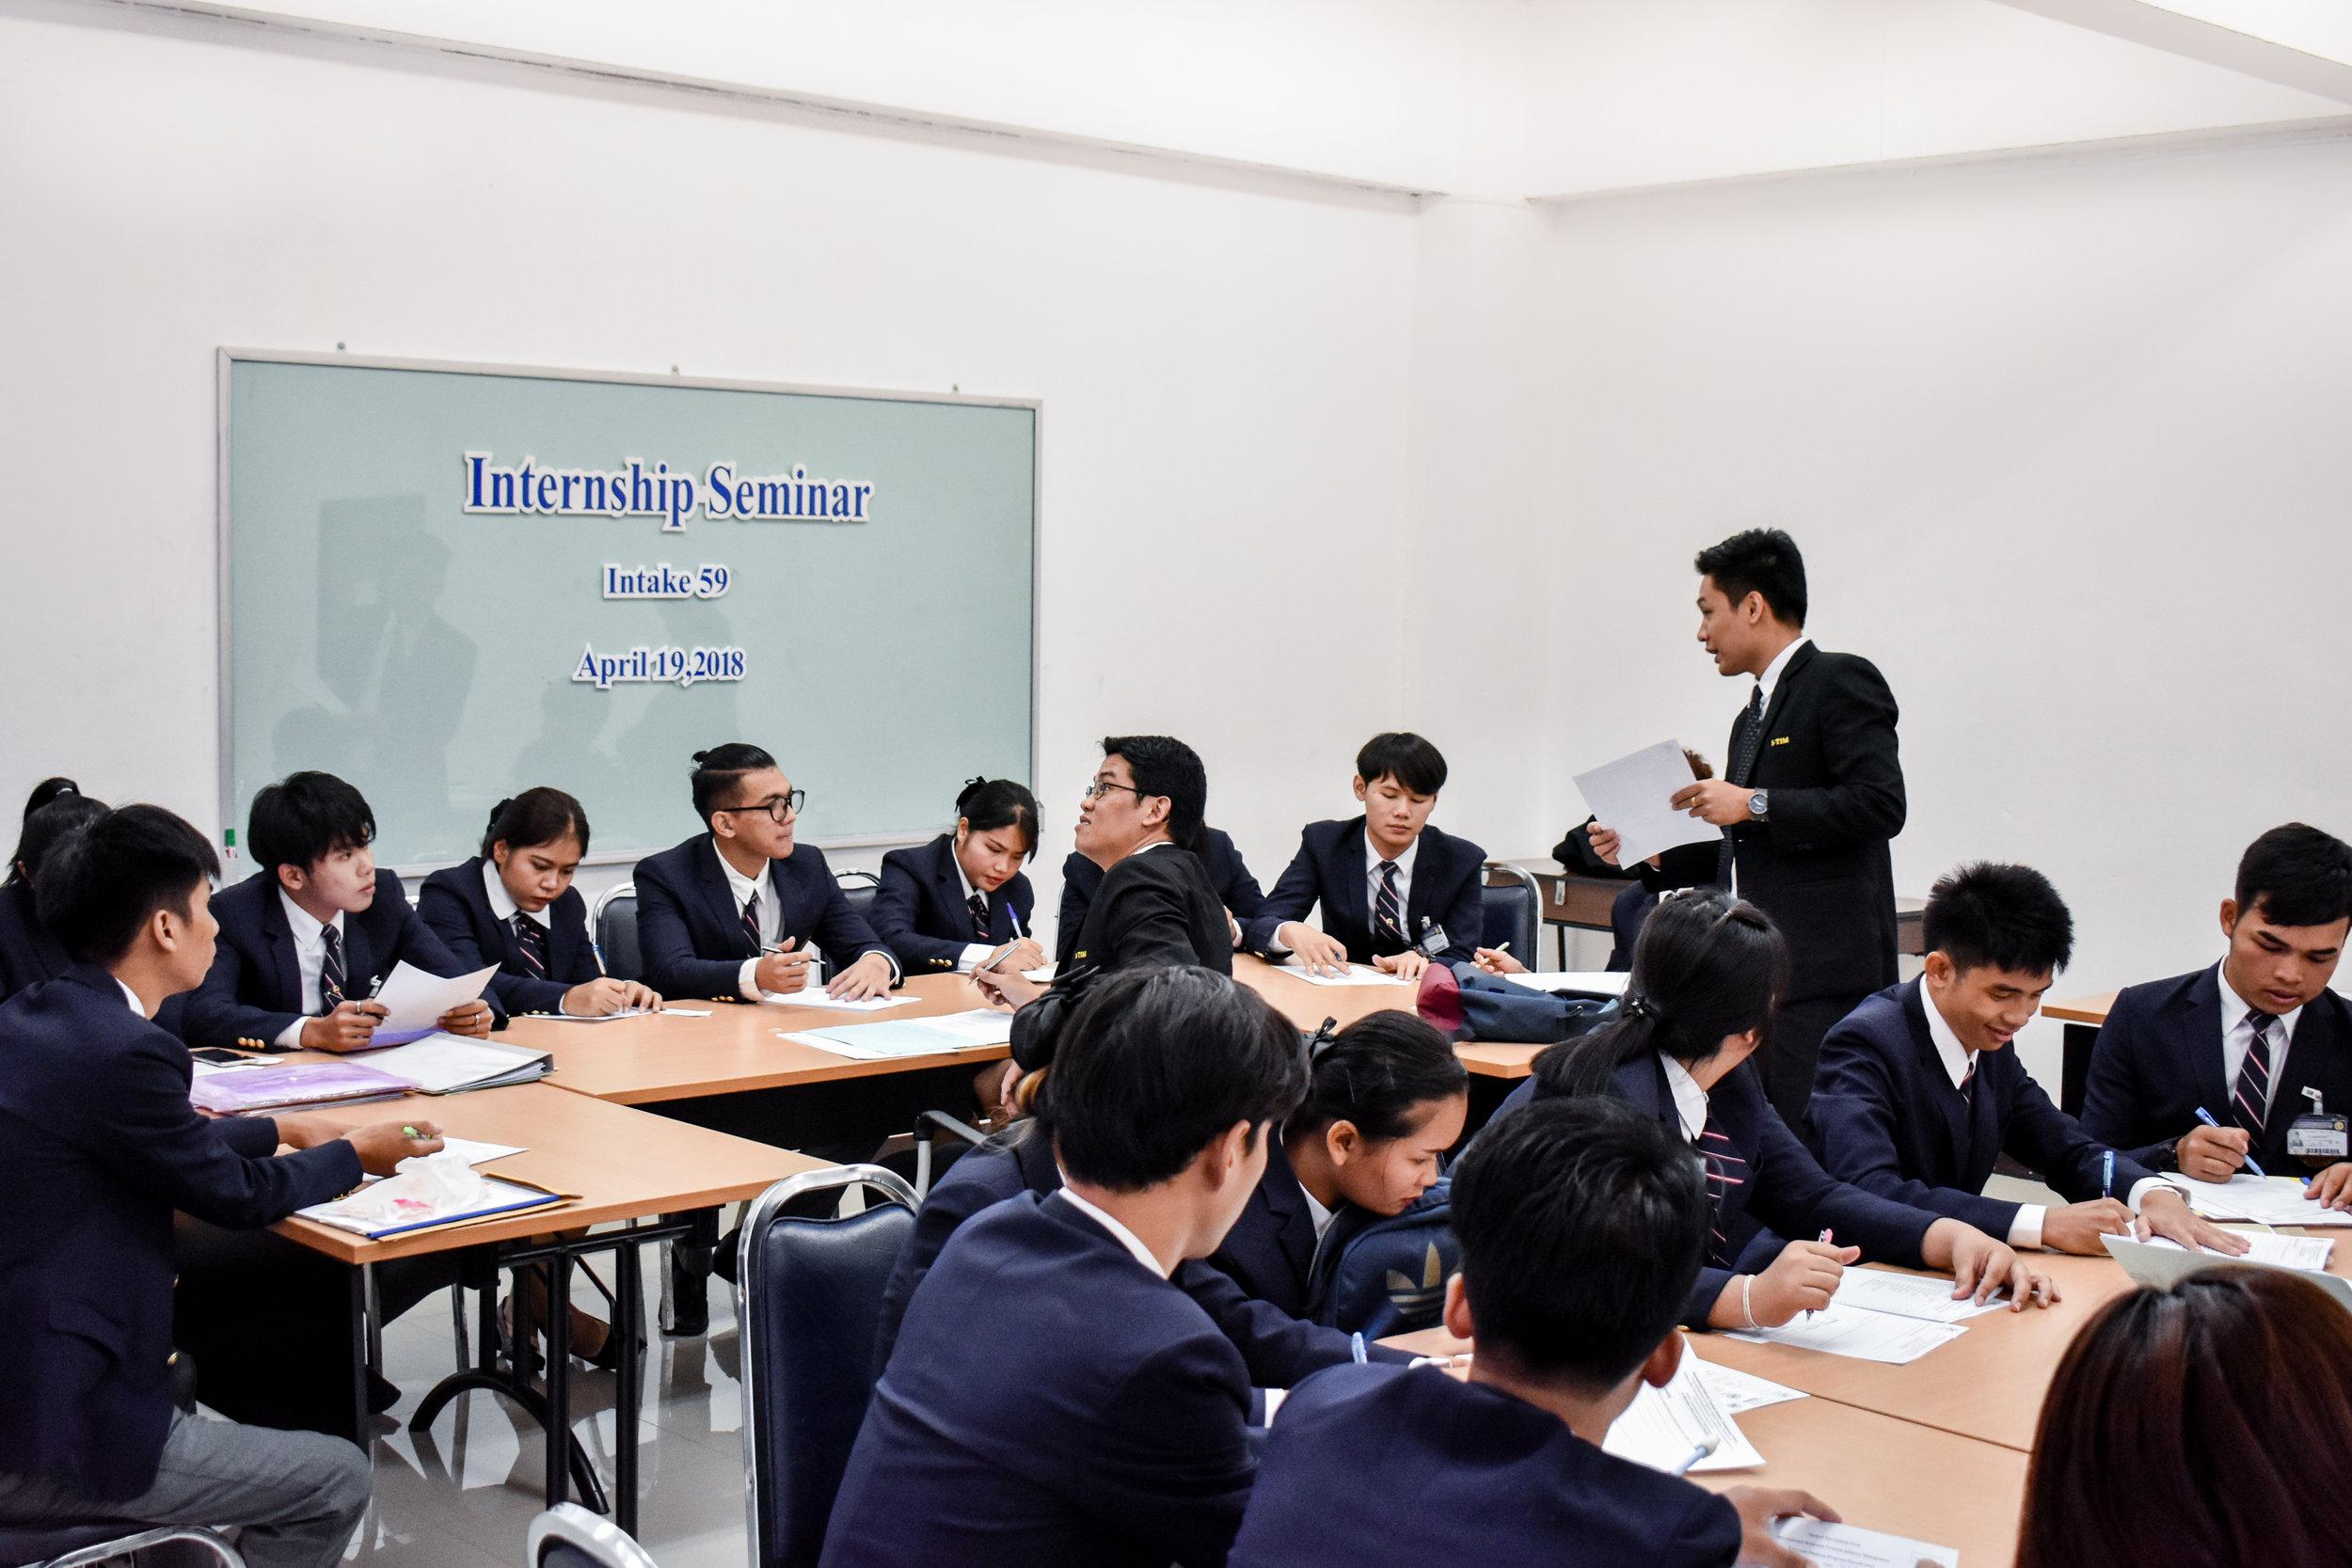 internship seminar  (6 of 8).jpg